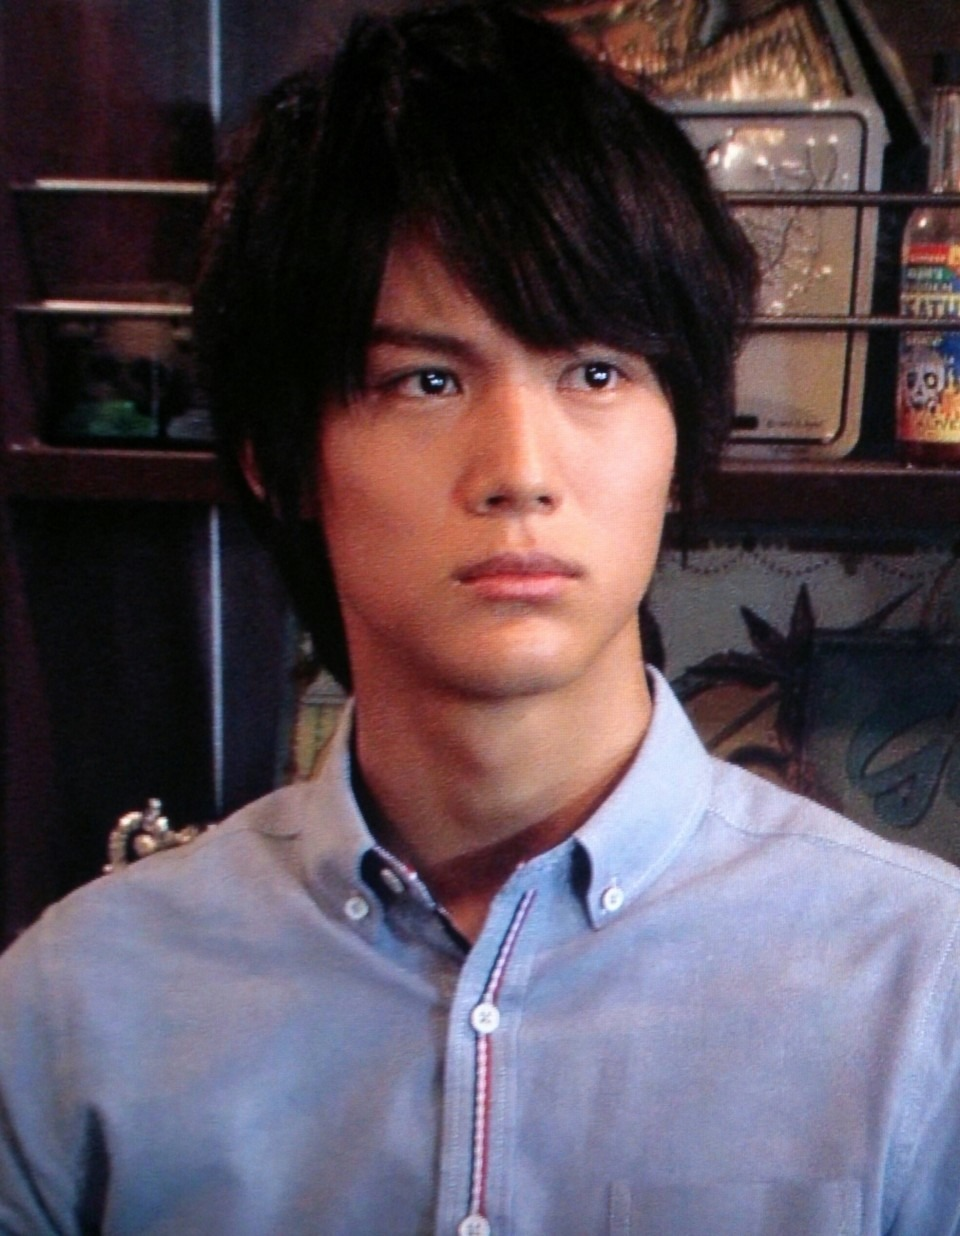 中川大志 (俳優)の画像 p1_36